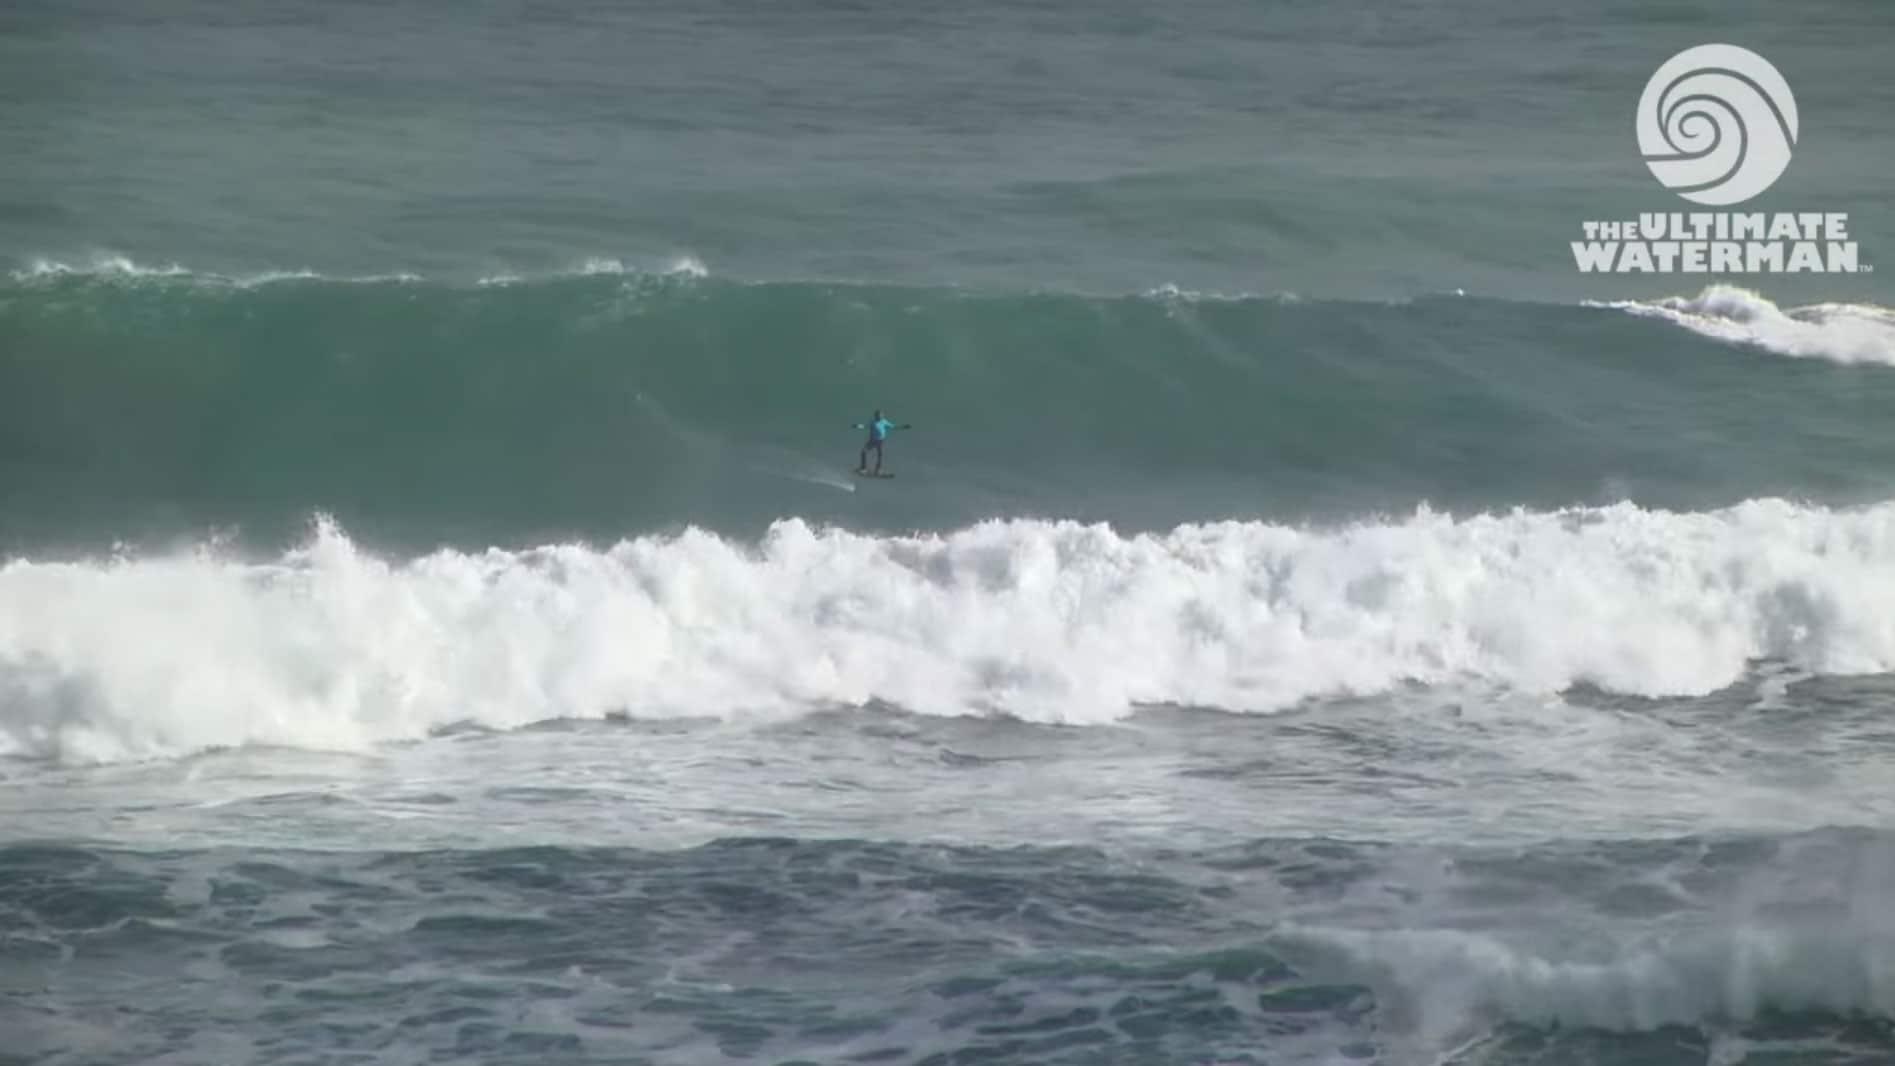 Vidéo Sup Foil avec Laird Hamilton en Nouvelle-Zélande